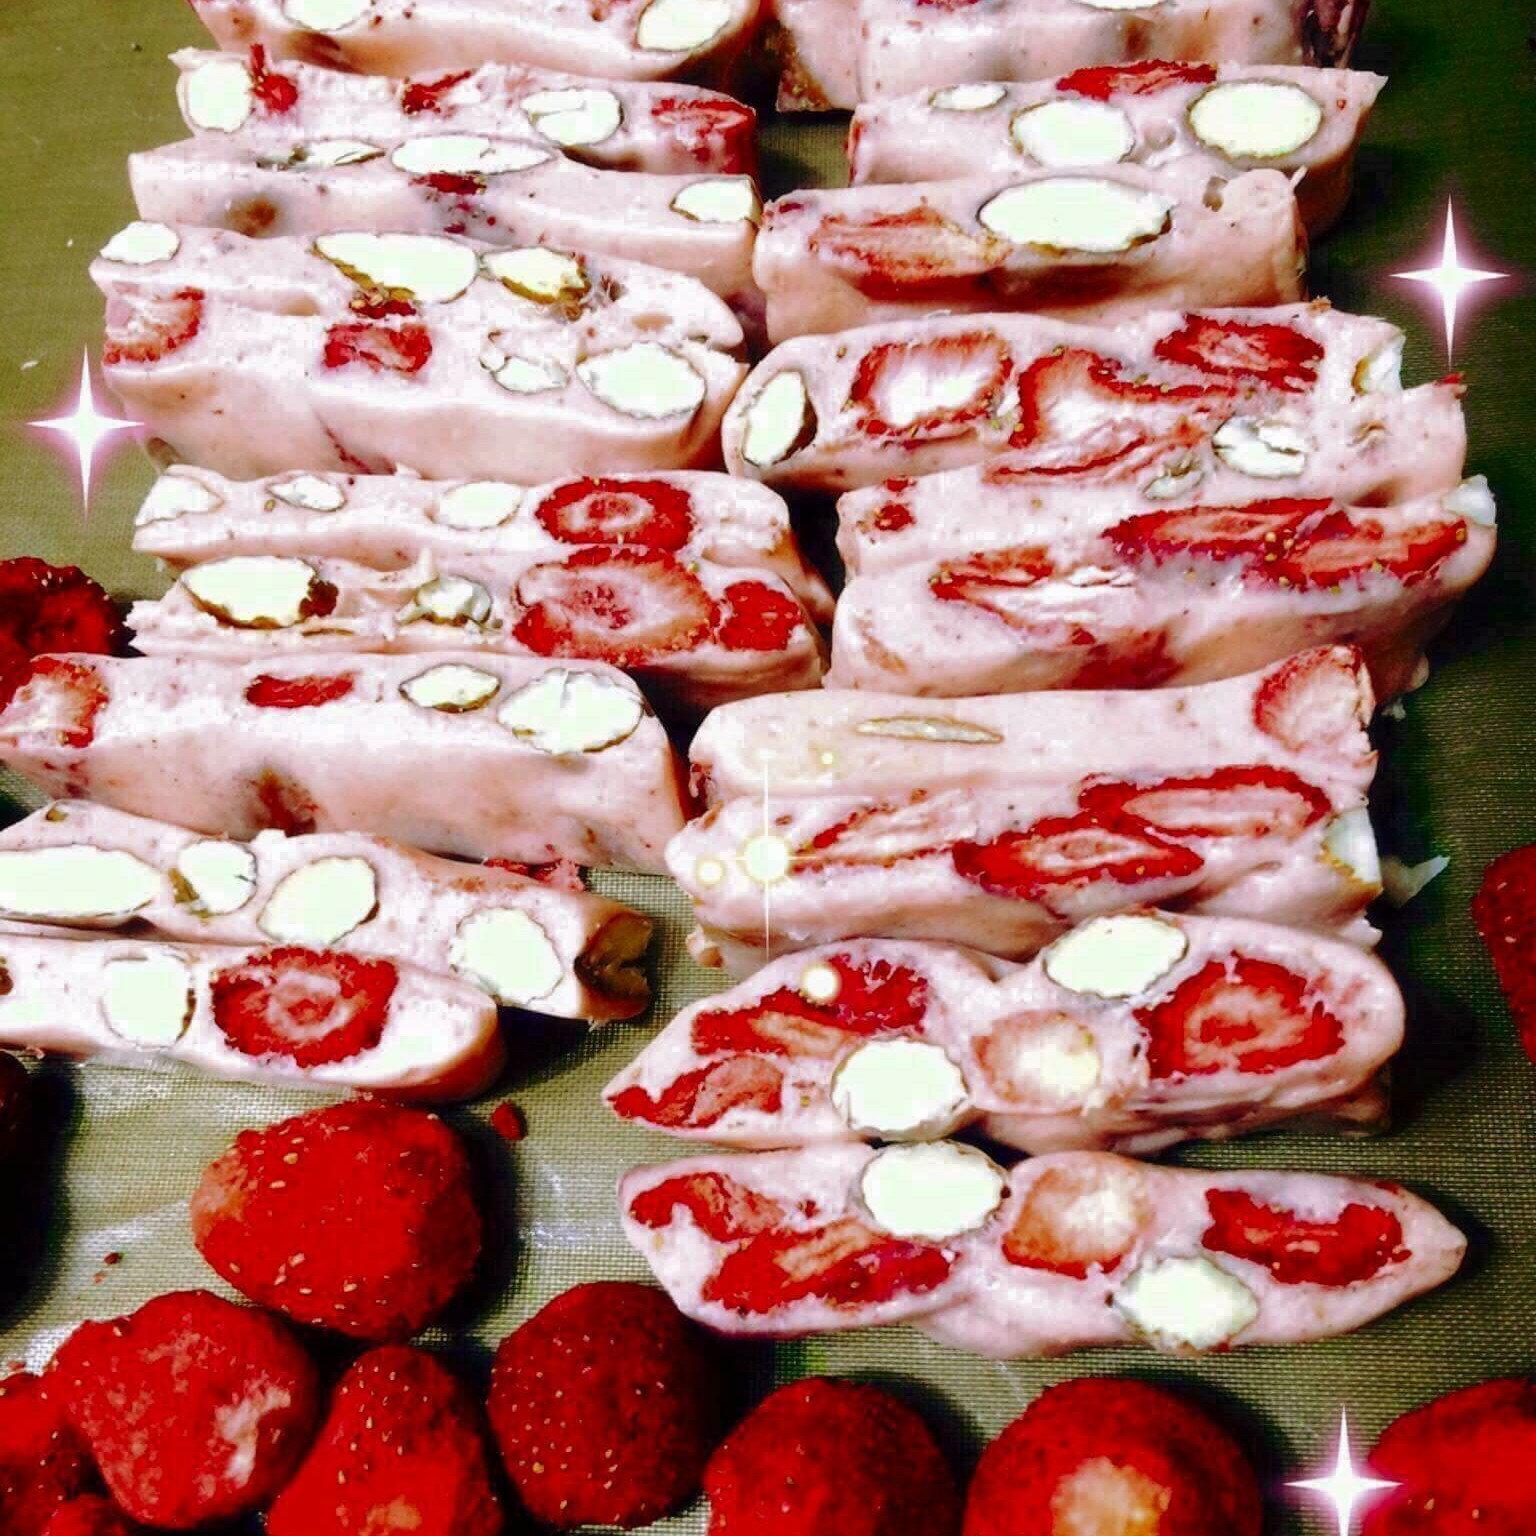 【綜合口味-手工年節糖果】/ 養生 降糖 / 原味曼越苺 杏仁果 火山夏威夷豆 南棗核桃糕 純手工 限量 紫地瓜 黃金甘藷 帕瑪森乳酪 什錦堅果 大湖草莓 /每包250g